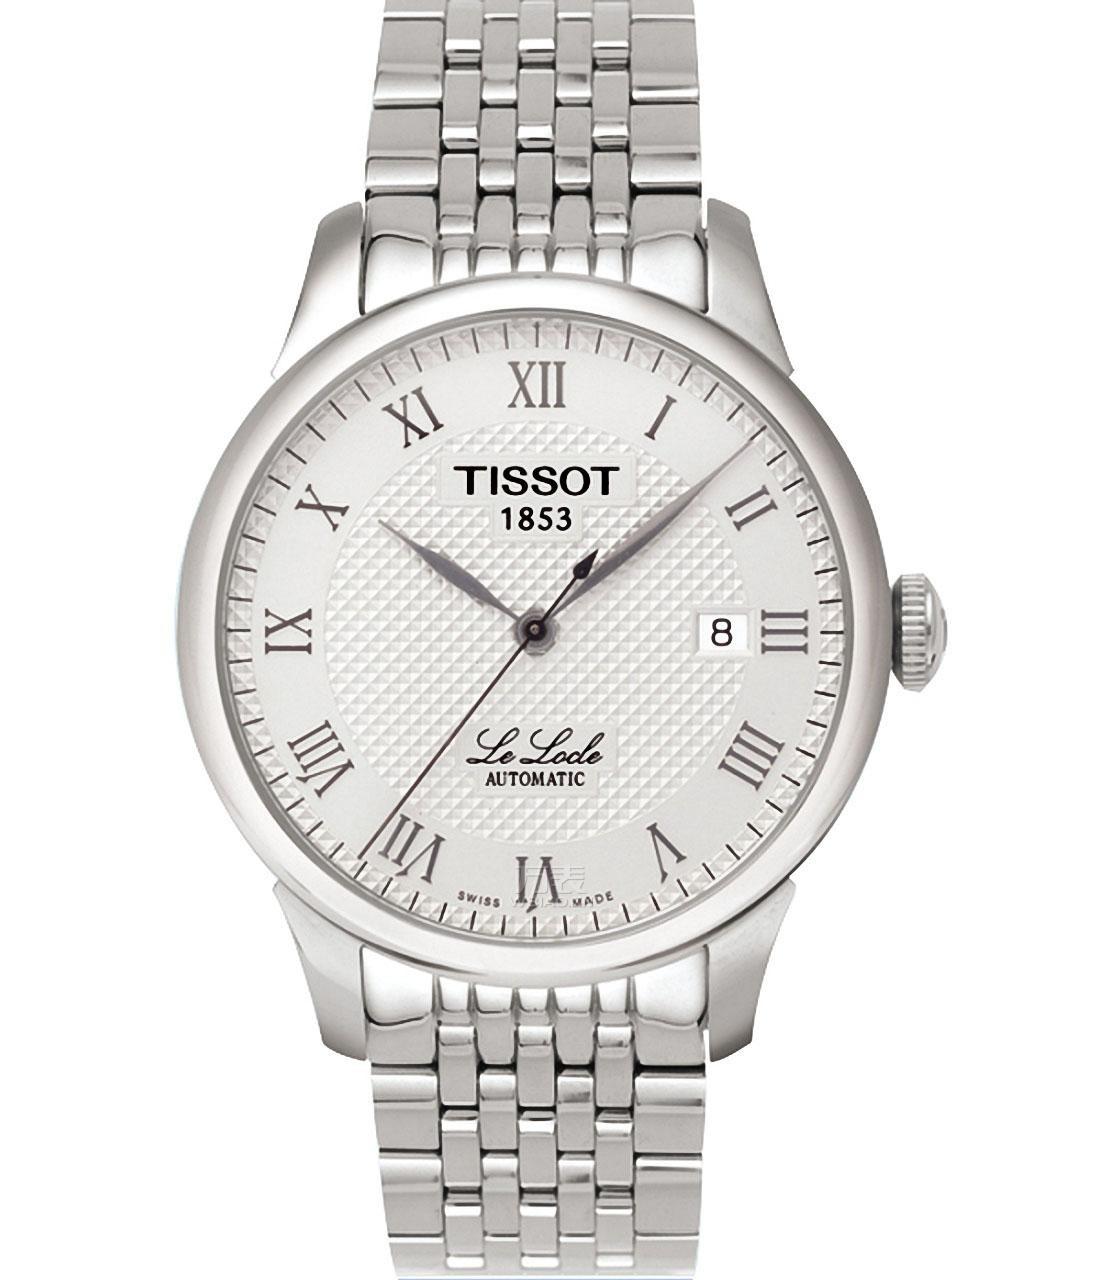 瑞士天梭手表价格怎么样?首选天梭力洛克系列男士机械表